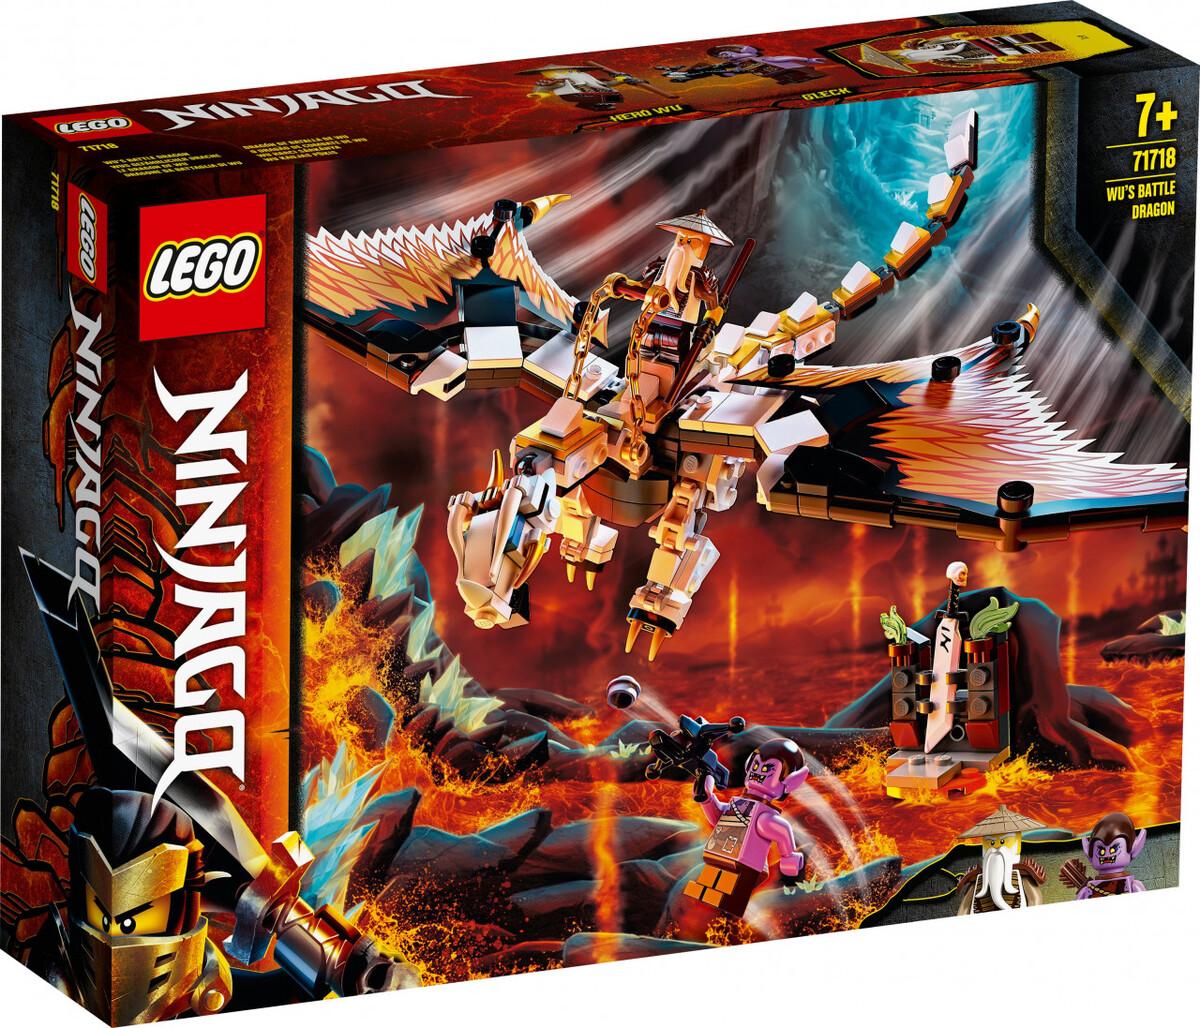 Bild 1 von Lego Ninjago Wus gefährlicher Drache